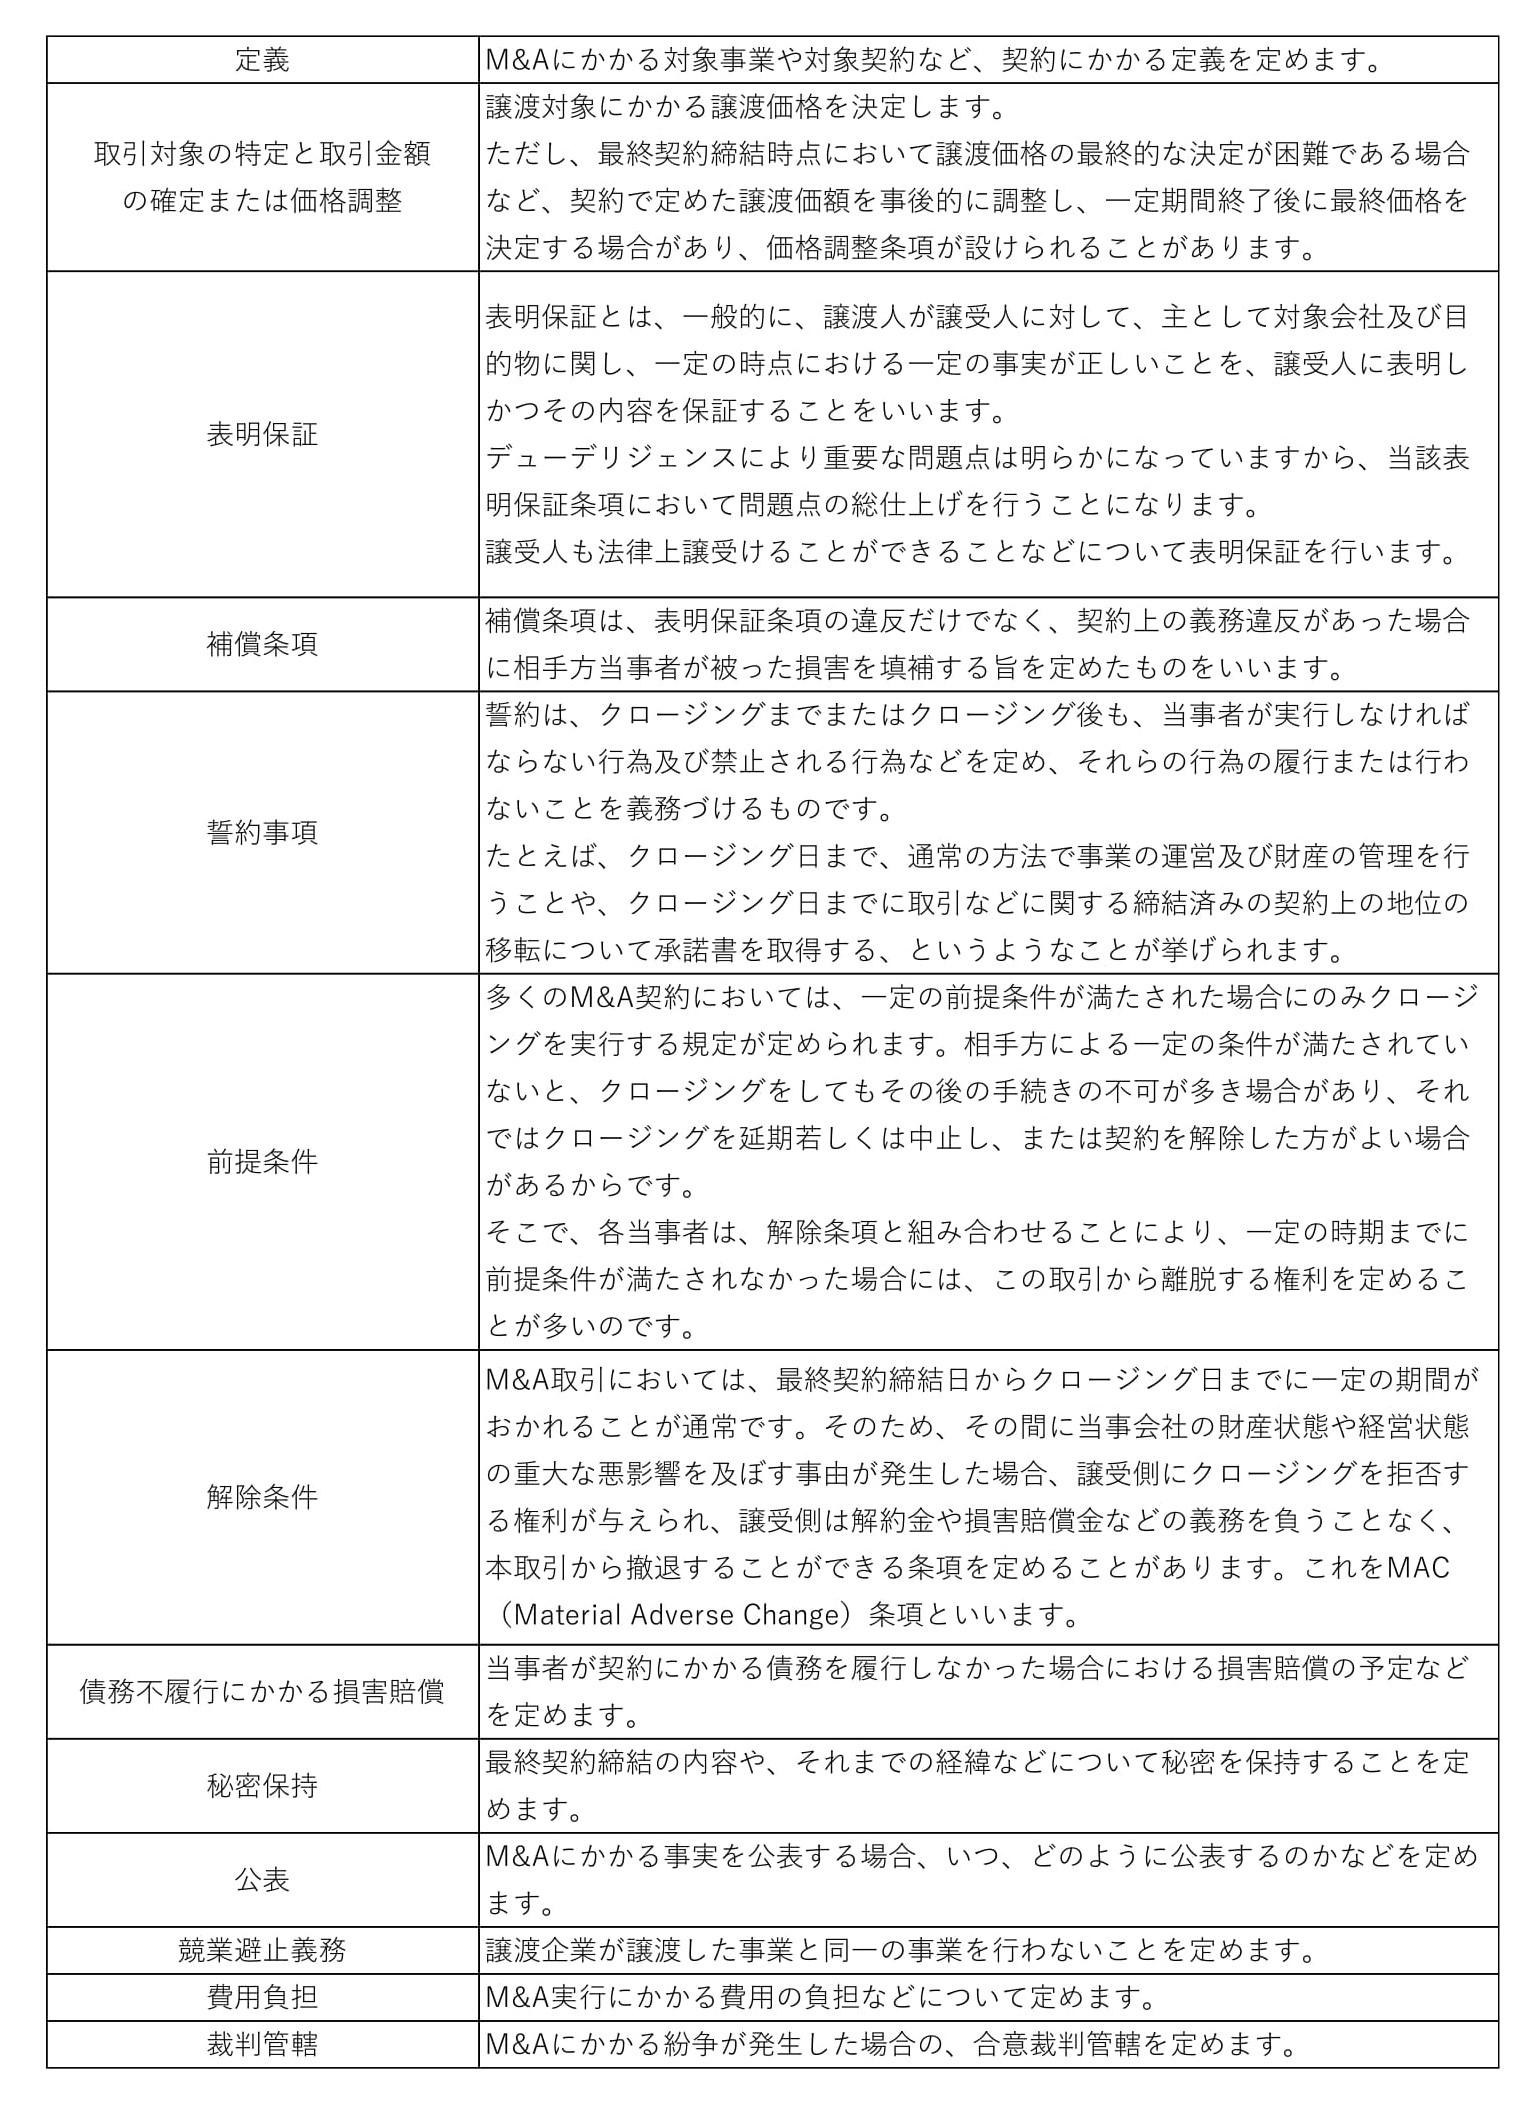 最終契約書の基本的な構成要素一覧